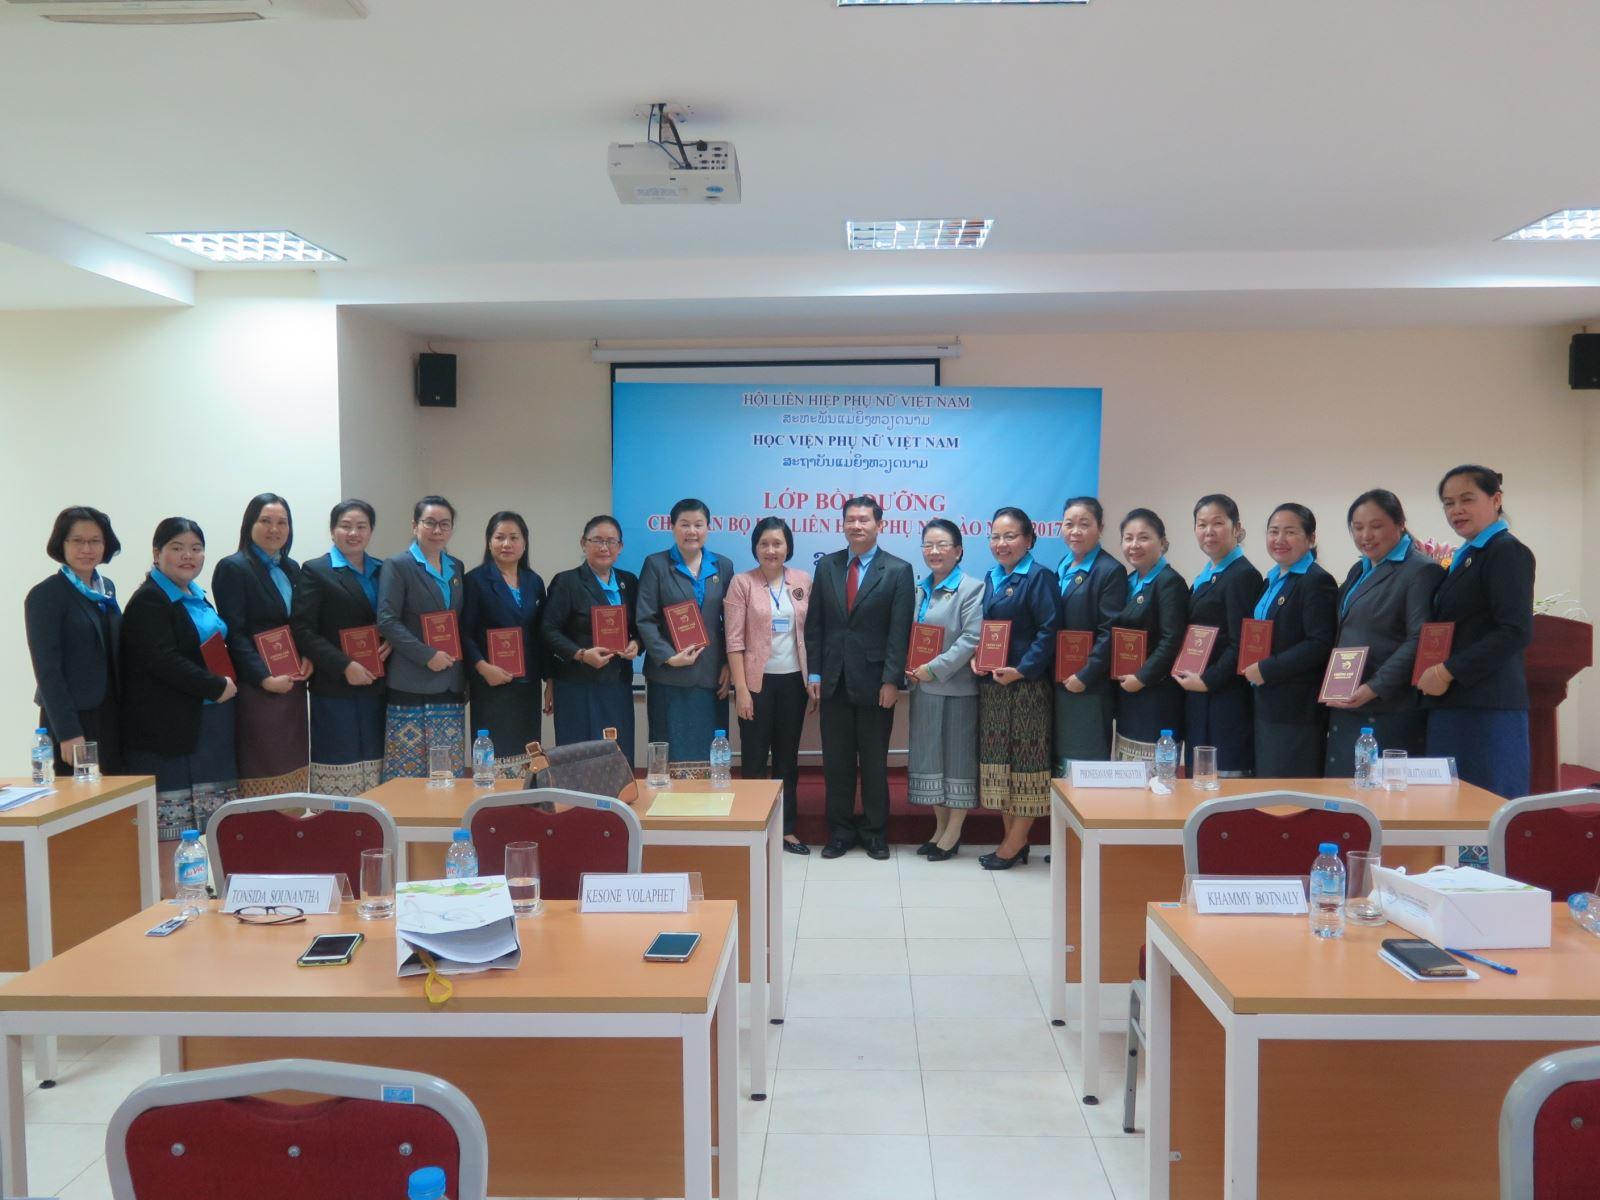 Lễ bế giảng lớp bồi dưỡng cán bộ phụ nữ Lào năm 2017